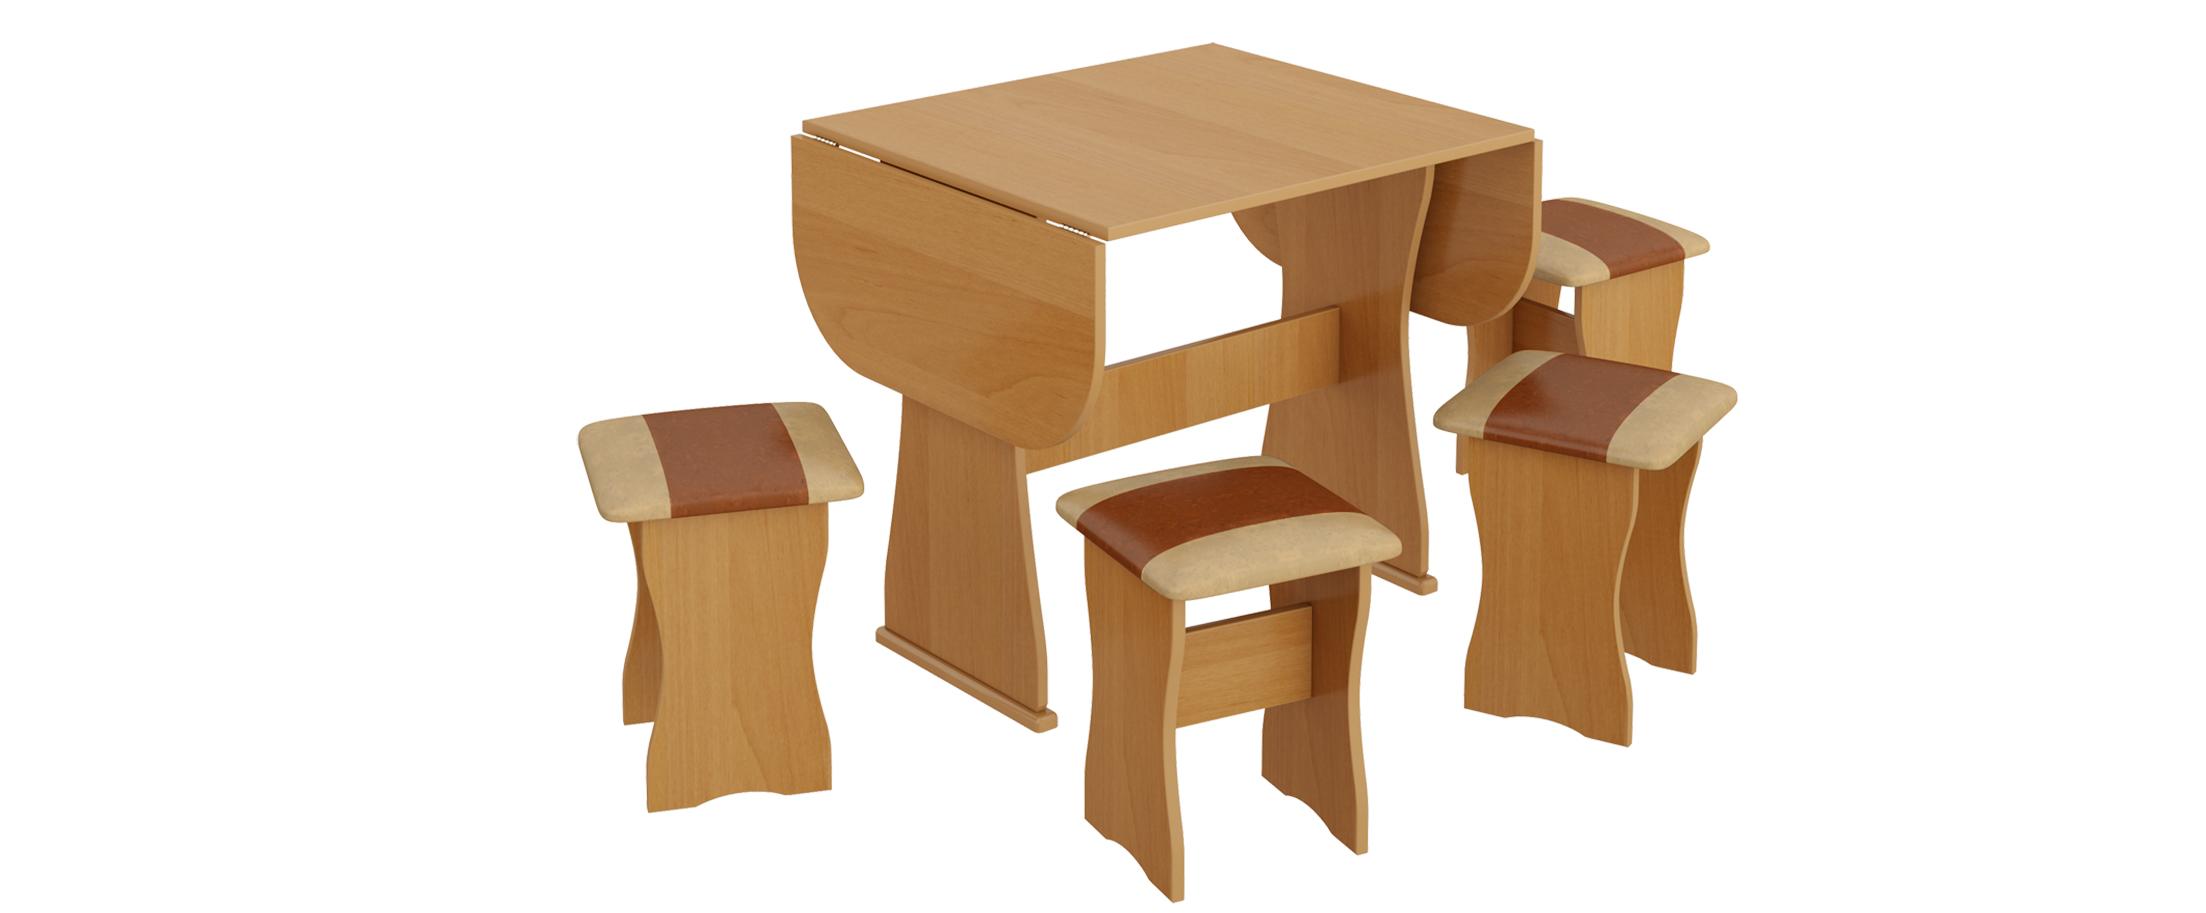 Обеденная группа тип 4 Модель 3020. Стол легко раскладывается и, таким образом, рабочая поверхность увеличивается, что дает увеличение количества посадочных мест.<br>